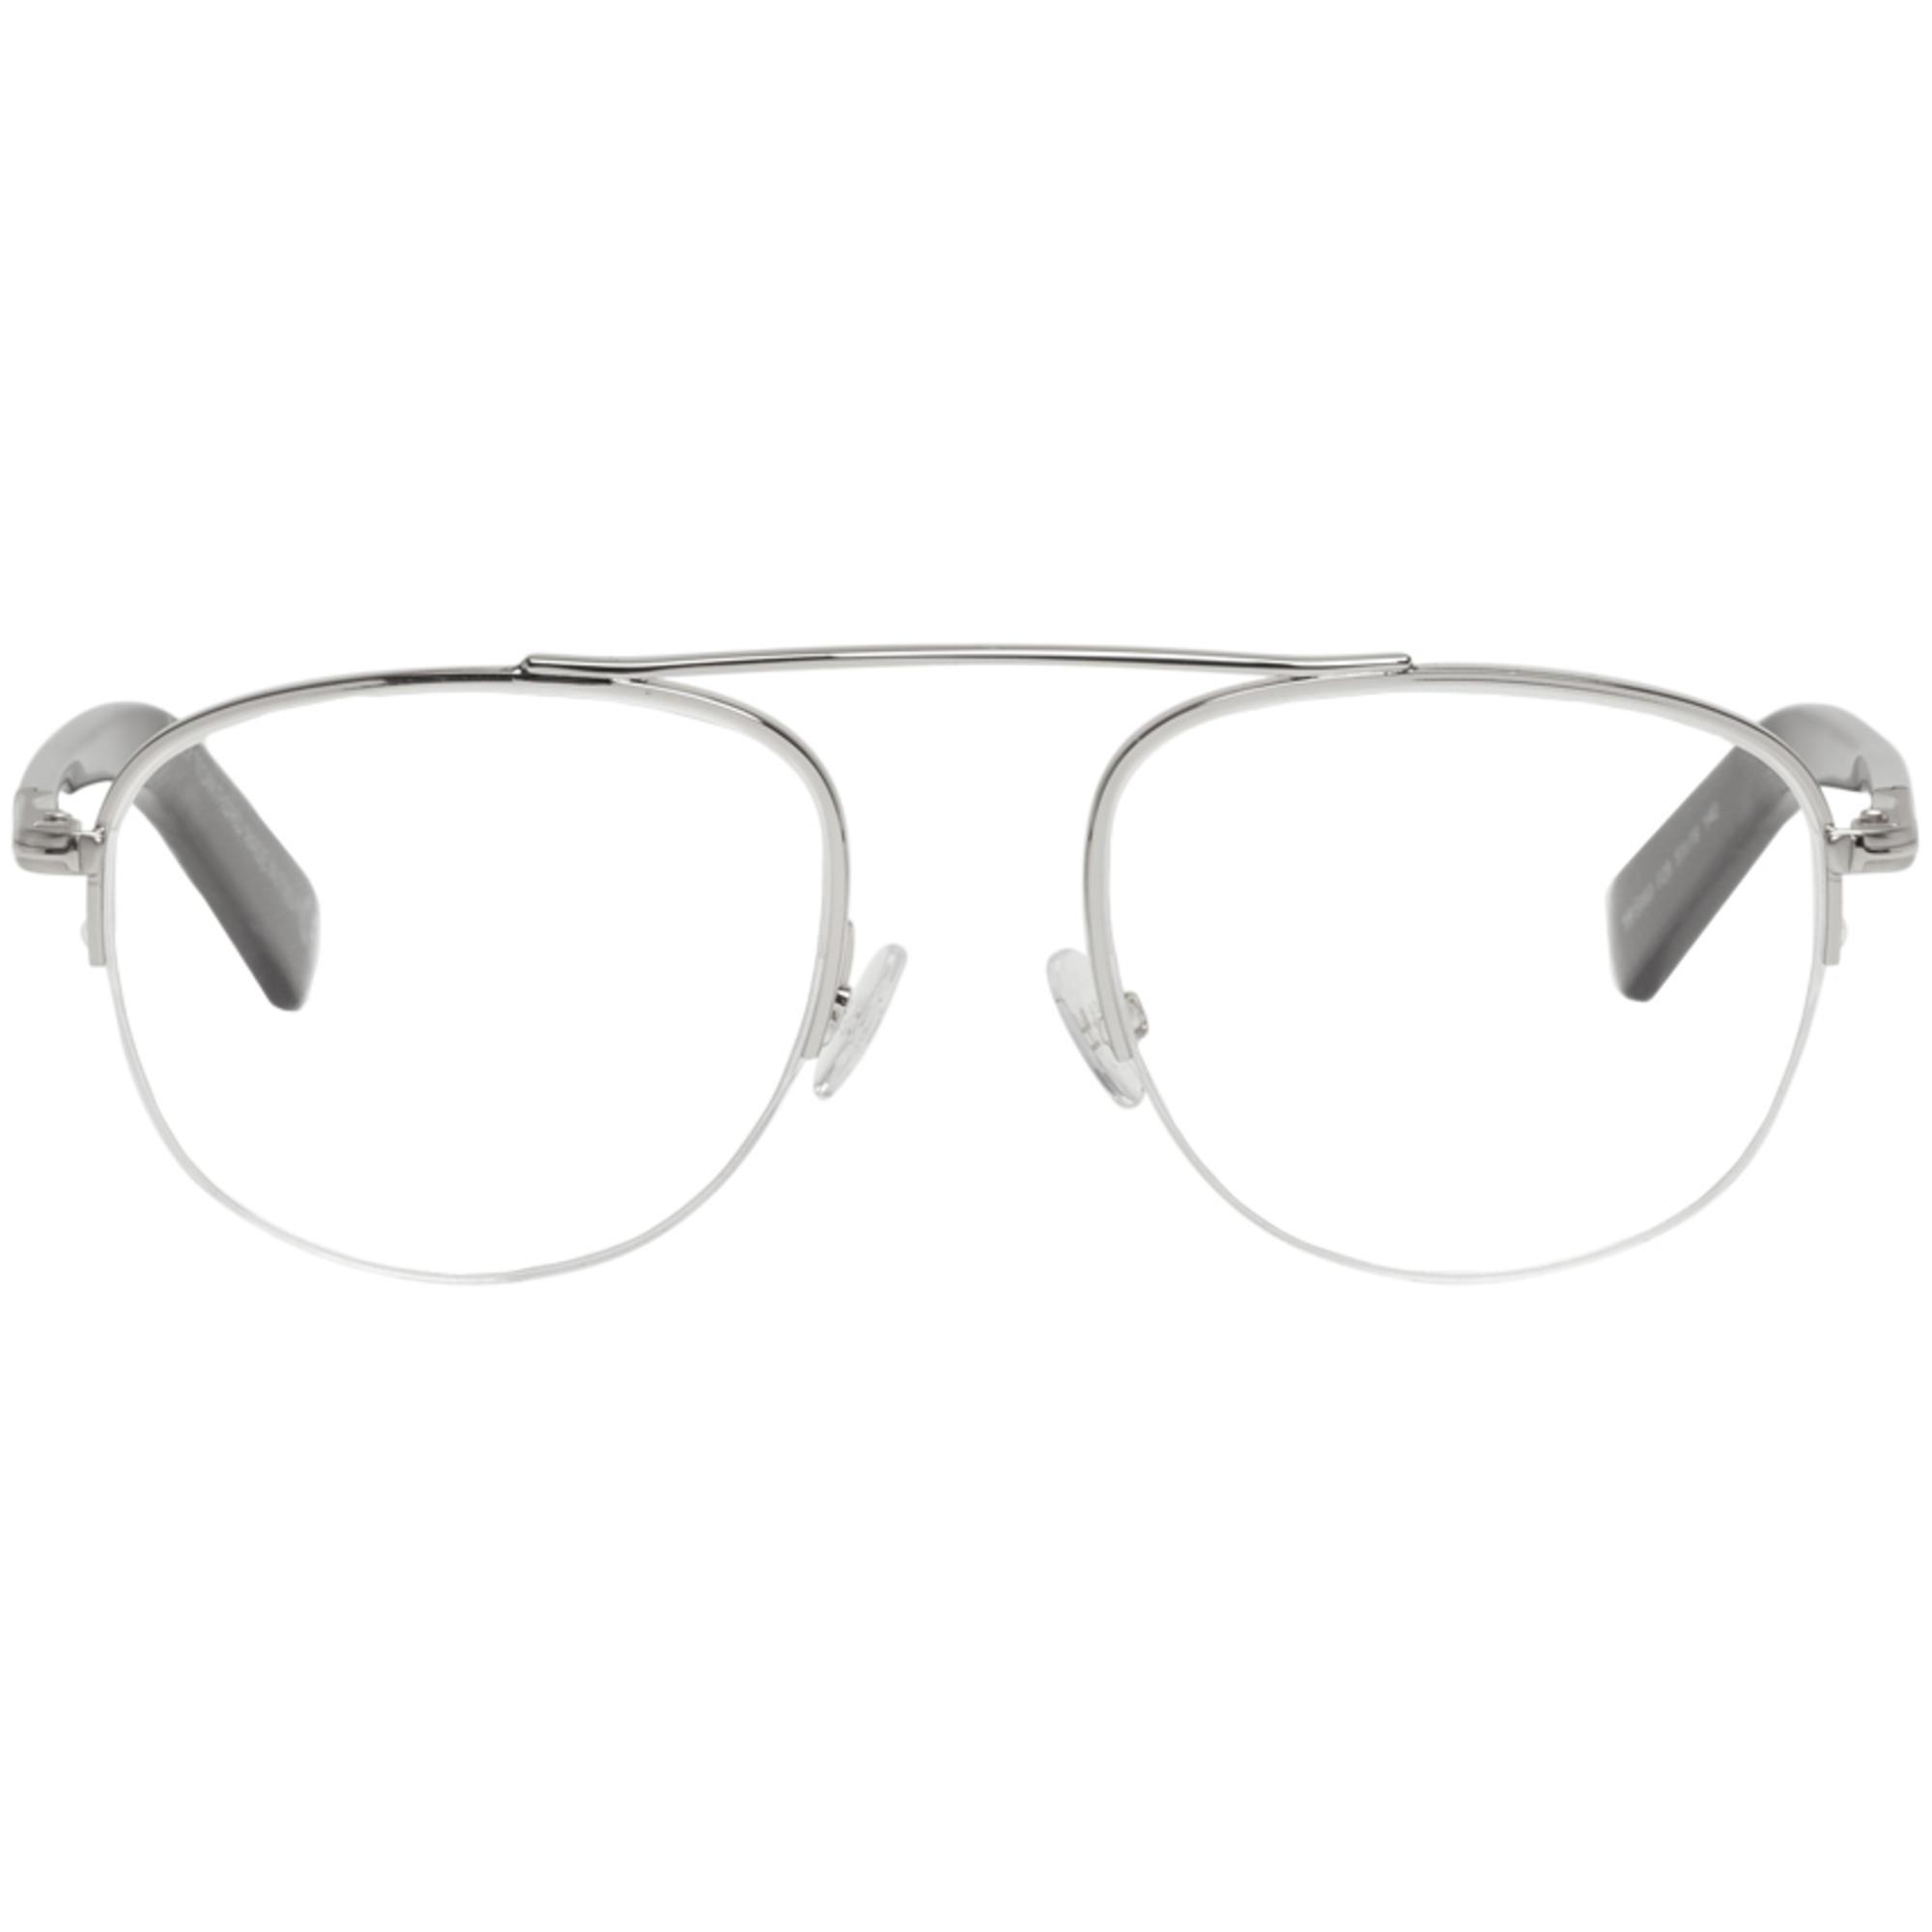 7c759b84bfe Lyst - Tom Ford Gold Ft 5450 Aviator Glasses in Metallic for Men